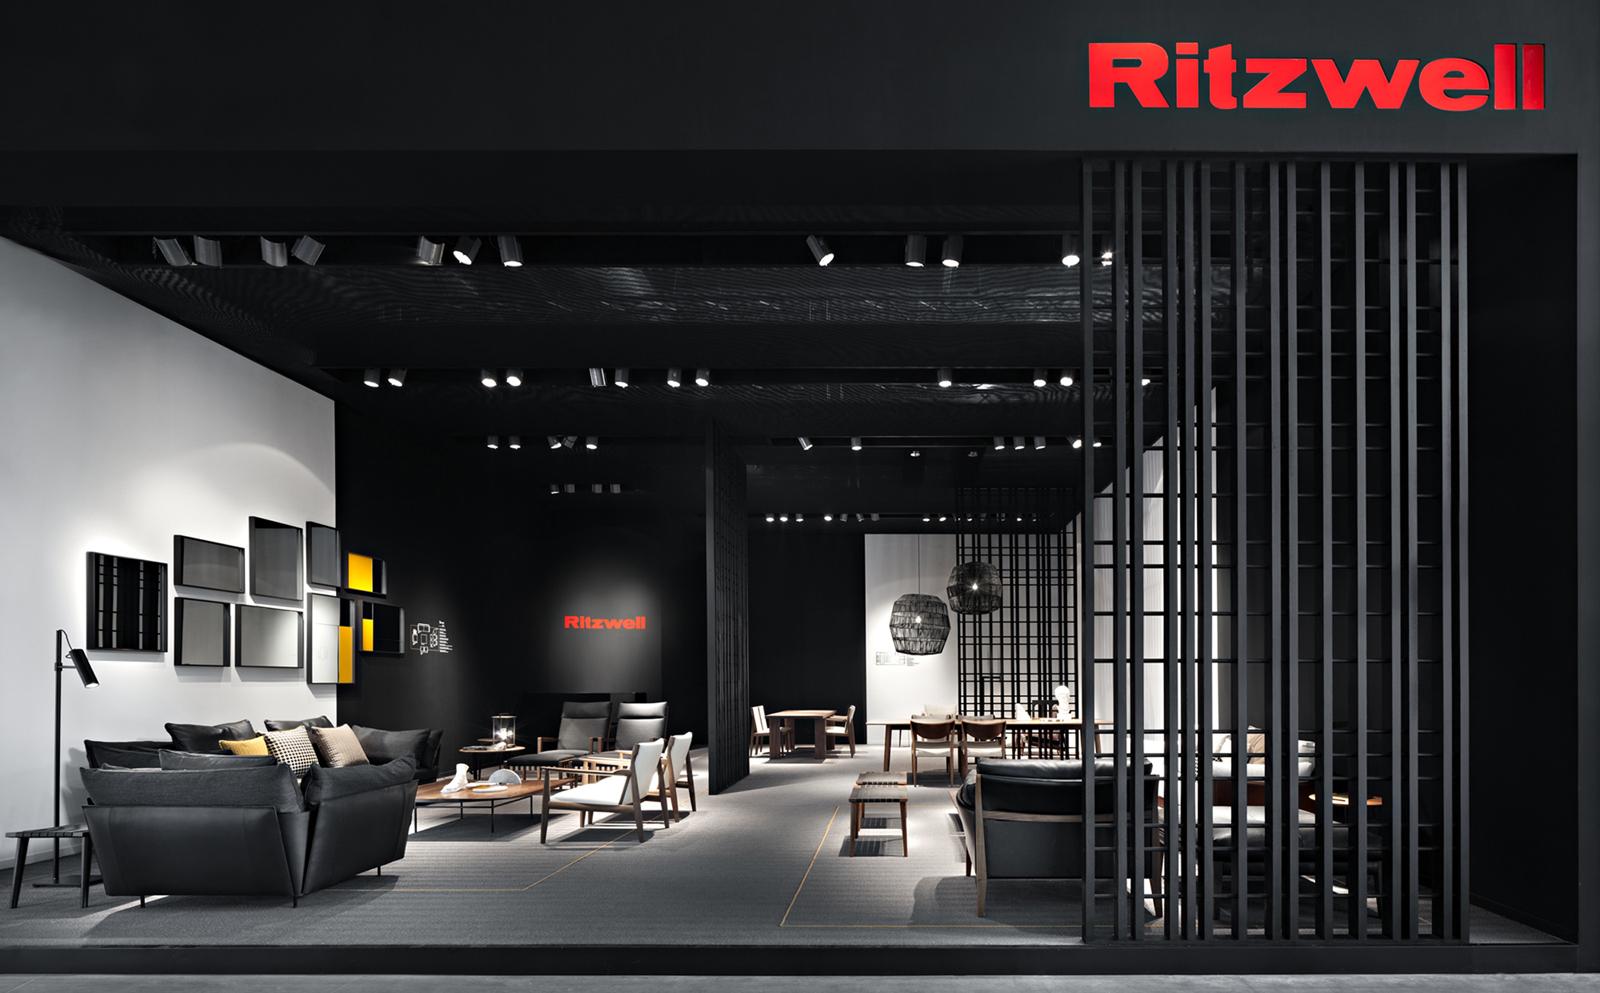 Ritzwell salone del mobile milano 2015 silvia fanticelli for Salone del mobile hotel